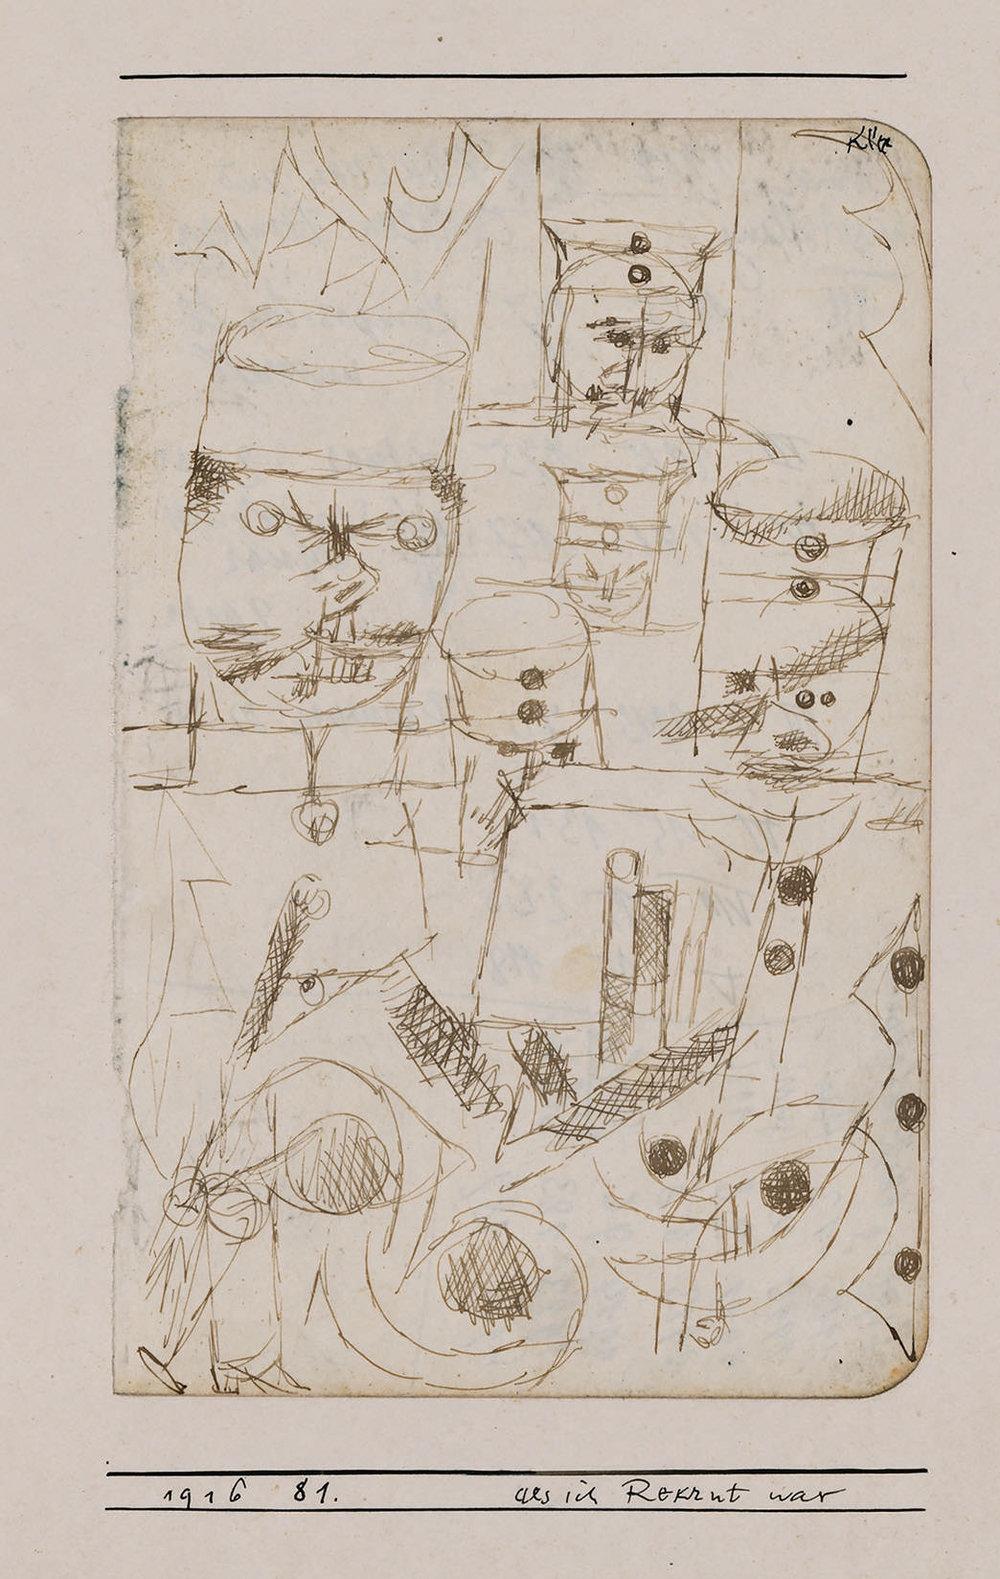 Abb.9 Paul Klee,  als ich Rekrut war , 1916, 81 , Feder auf Papier auf Karton, 17,3 x 11 cm, Zentrum Paul Klee, Bern, Schenkung Livia Klee ©Zentrum Paul Klee, Bern, Bildarchiv